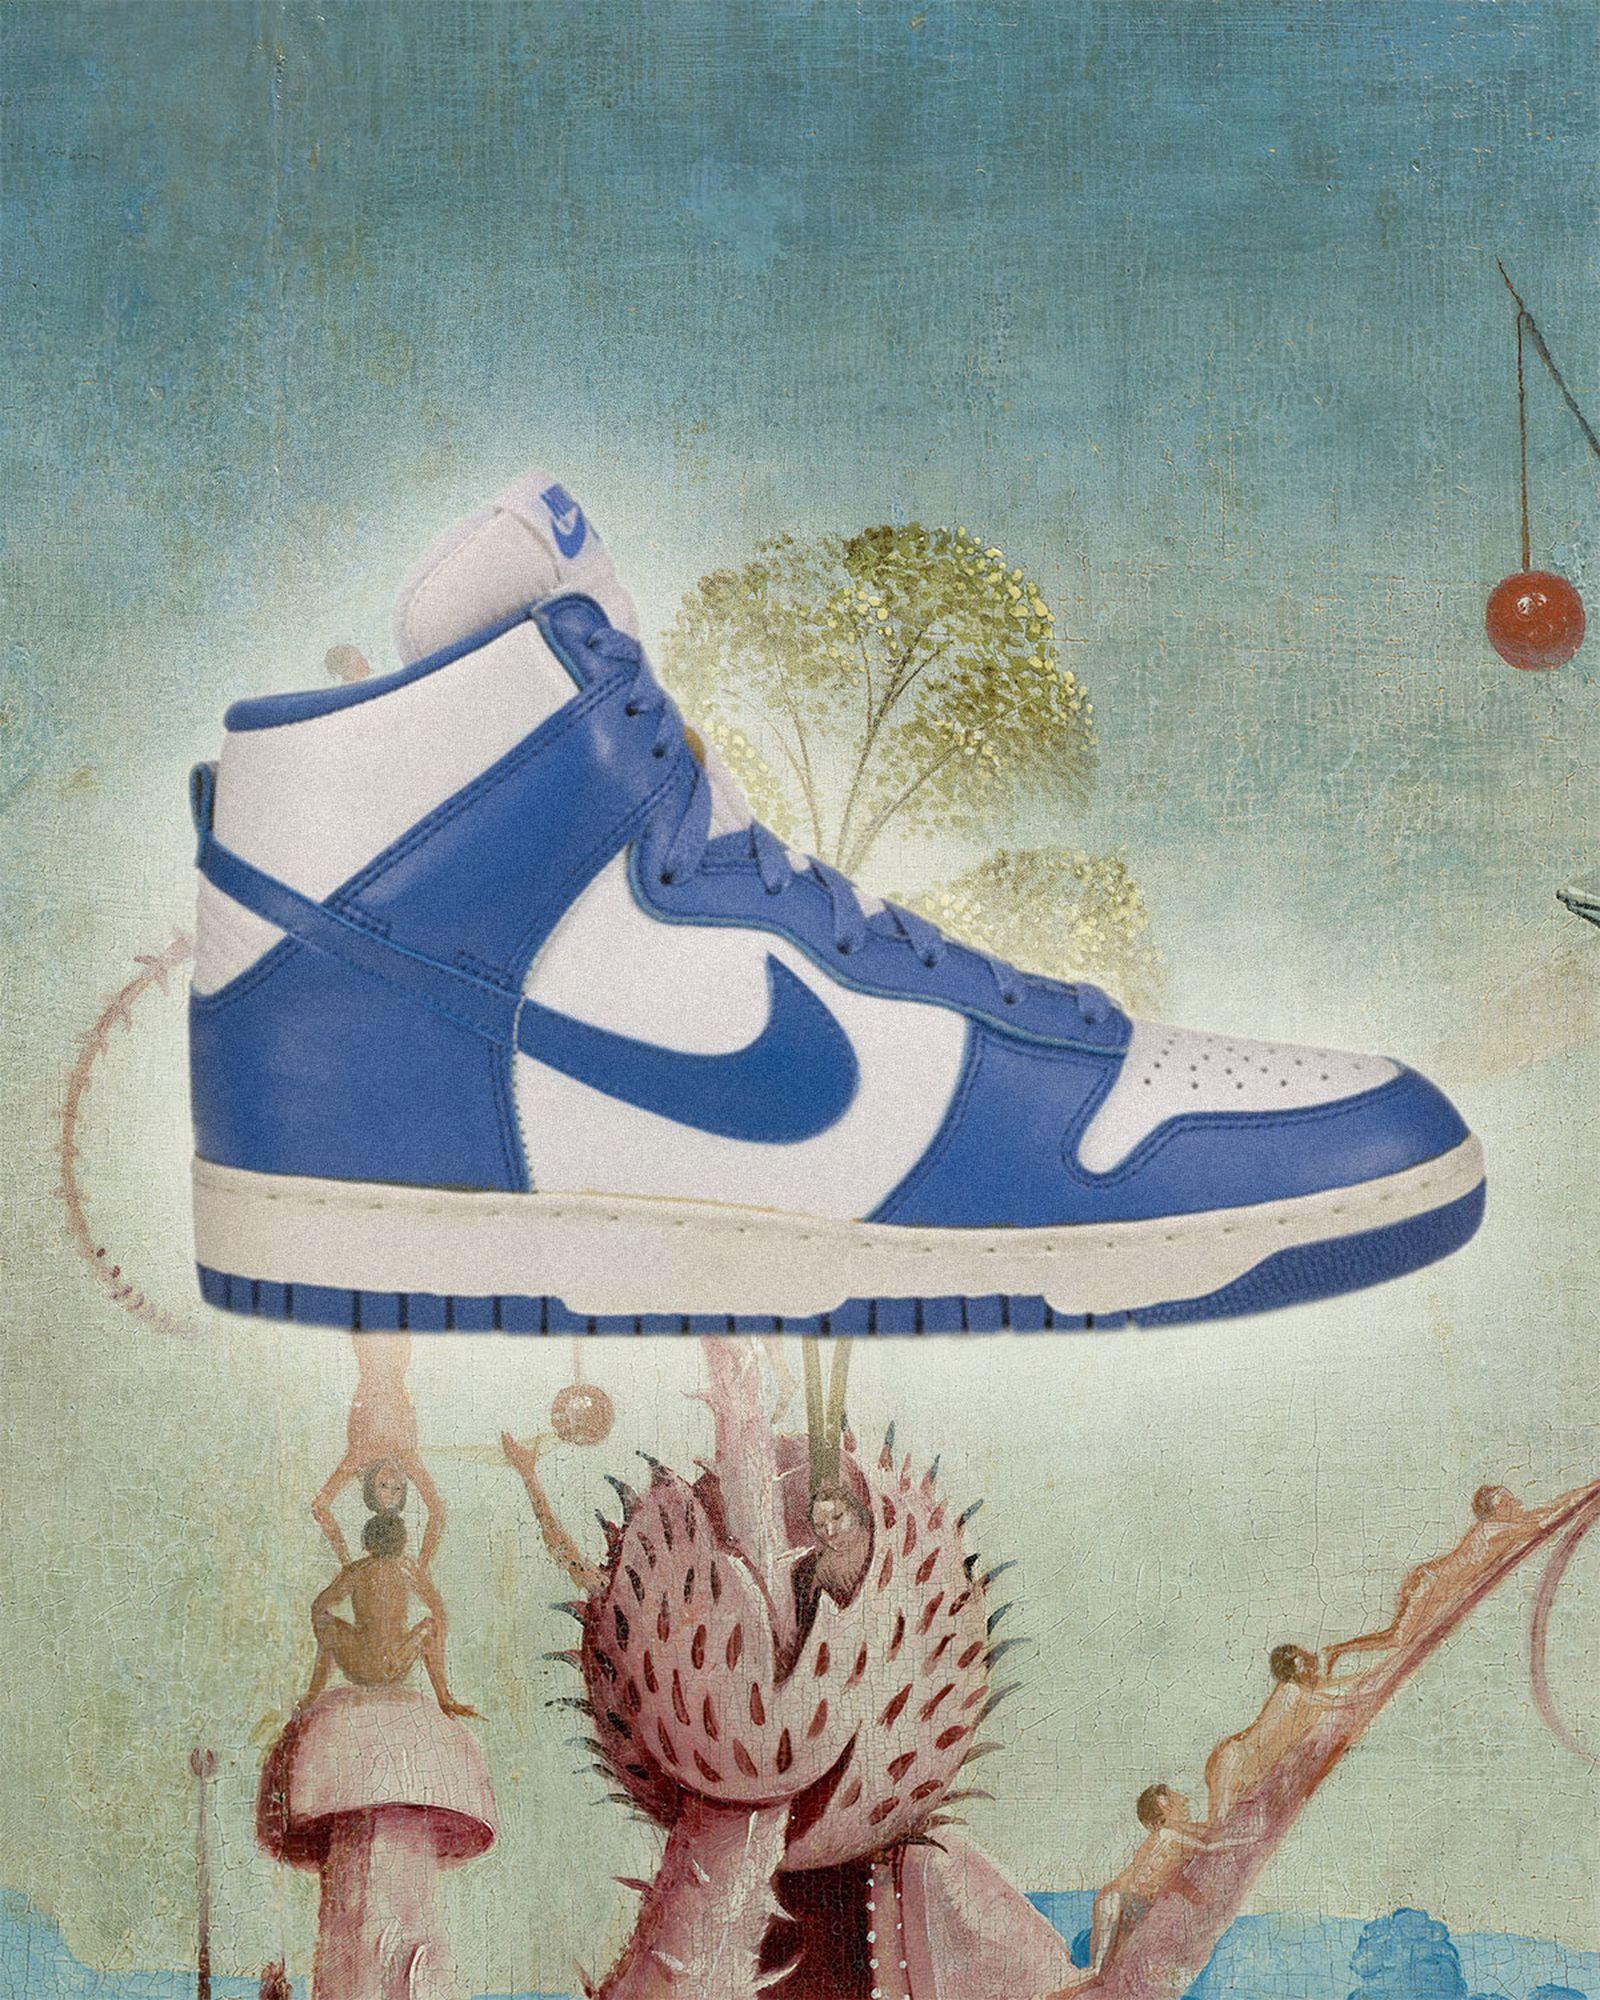 Nike-Dunk-High-Pro-SB-BTTY-Pack-06_2